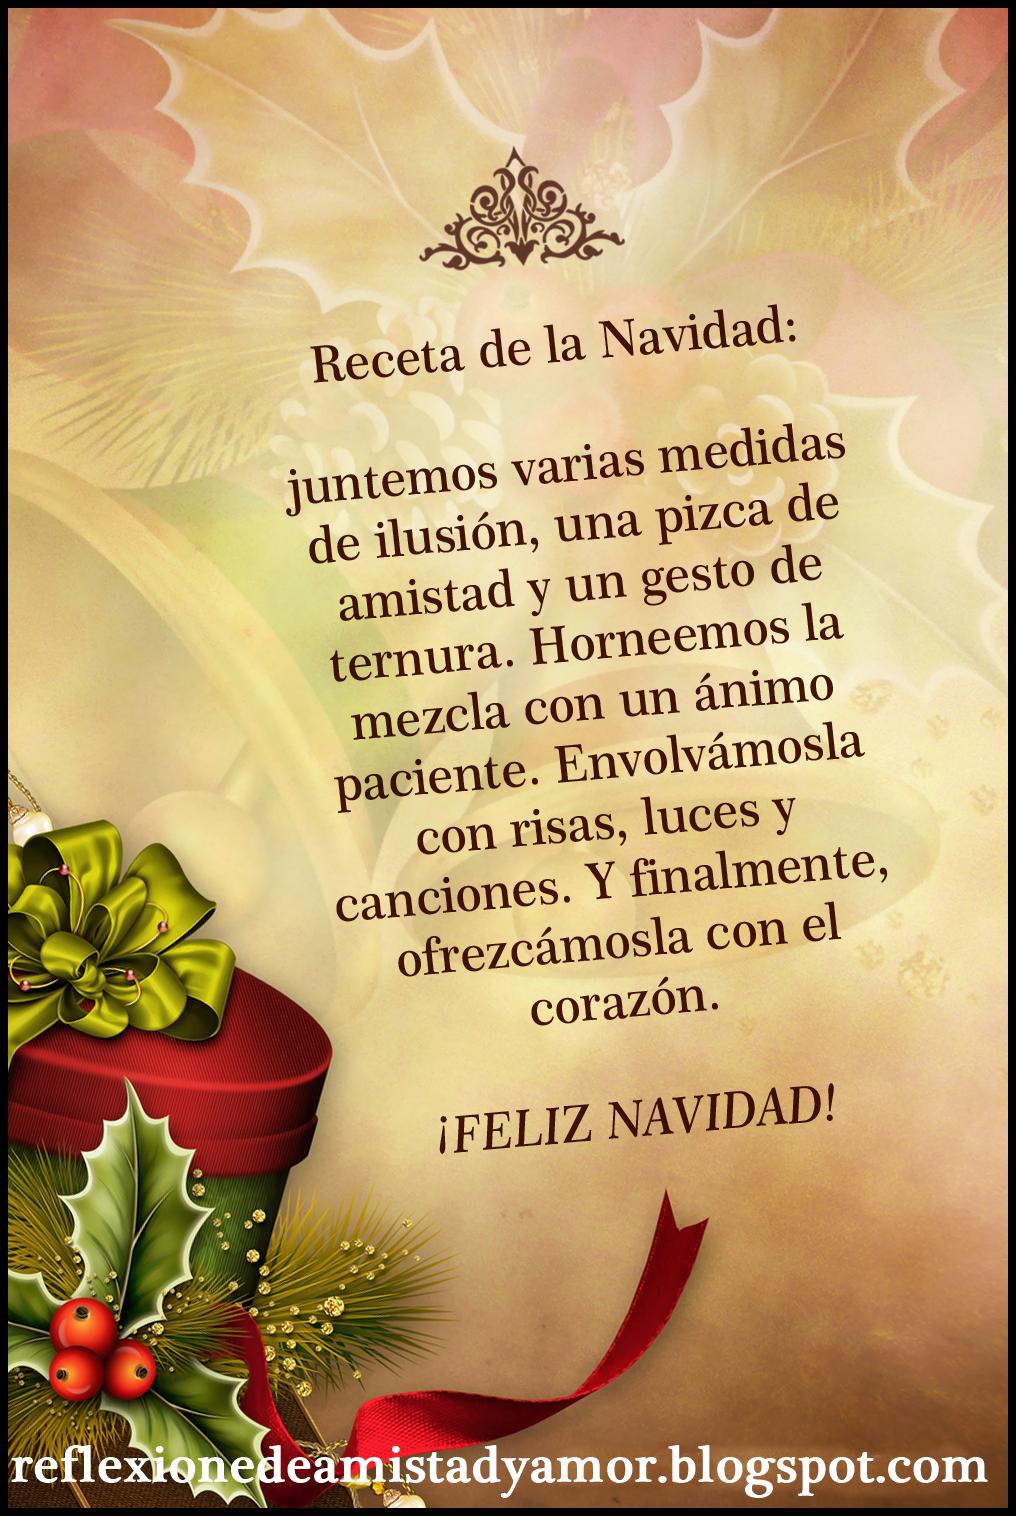 REFLEXIONES DE AMISTAD Y AMOR El regalo más grande en Navidad es Jesºs